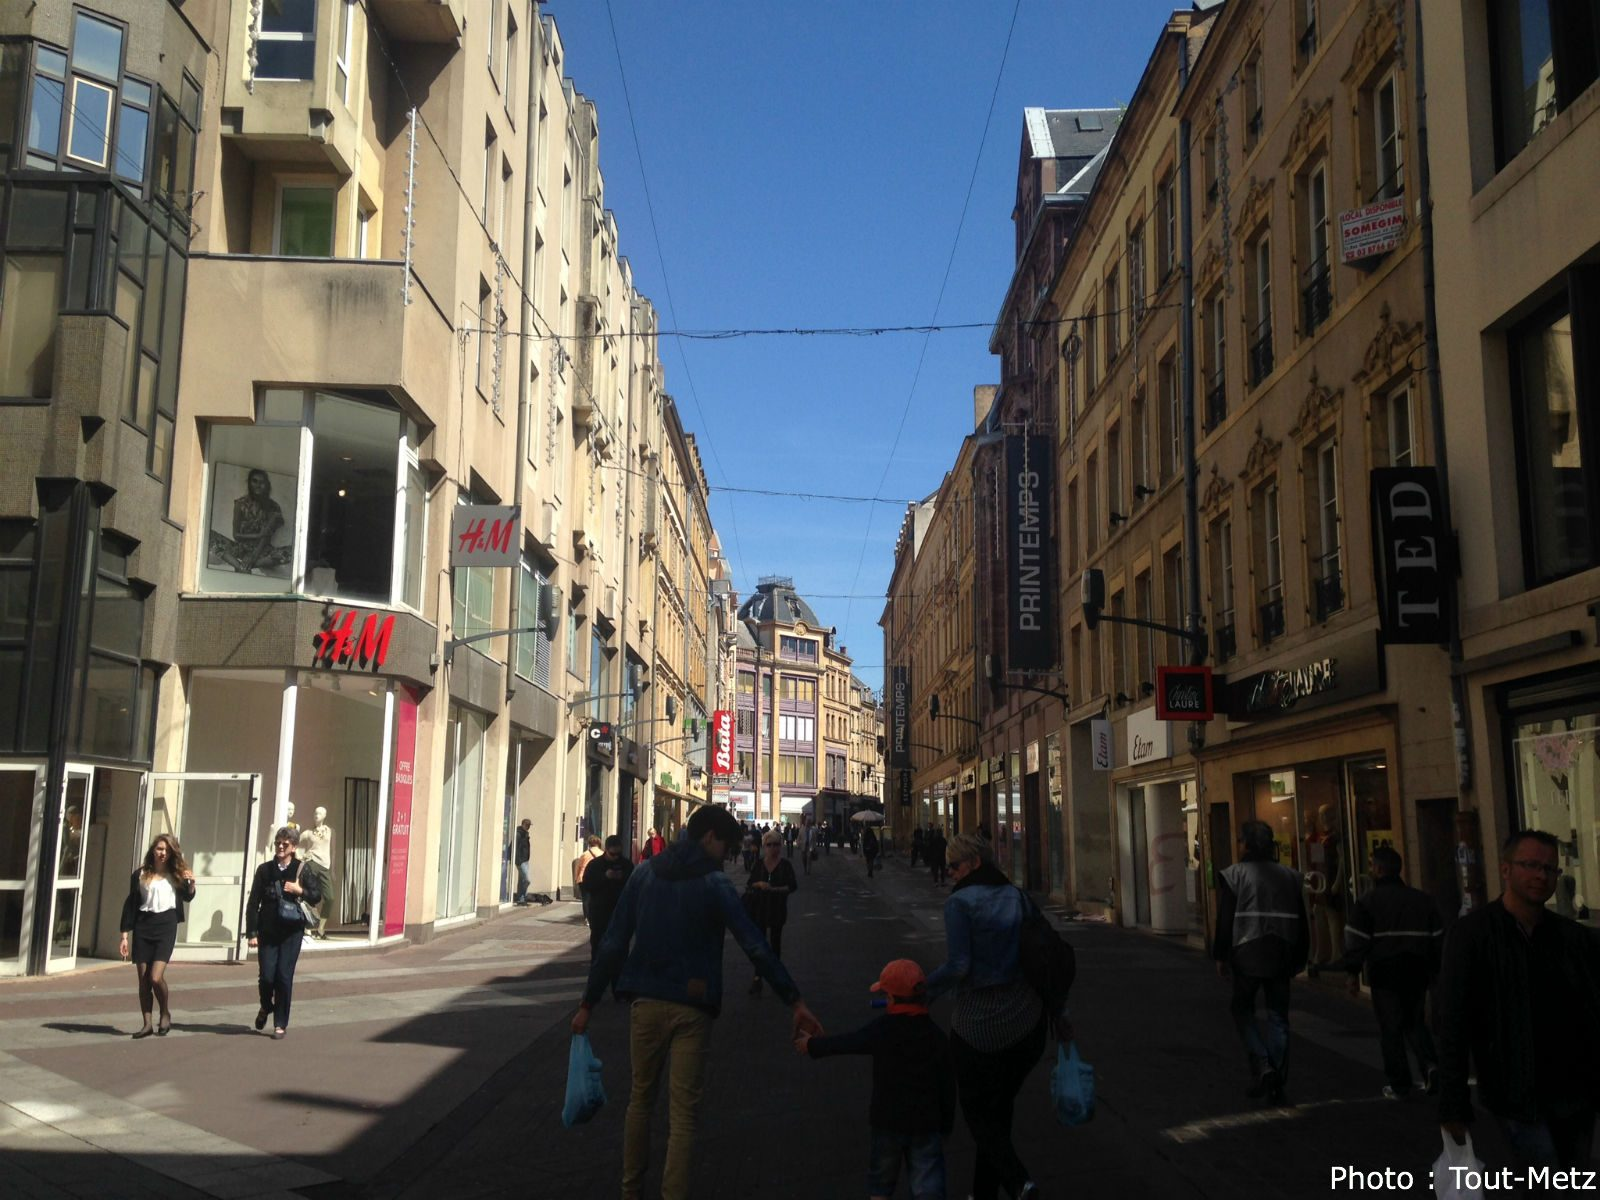 Jour férié : les commerces fermés le Vendredi saint en Moselle